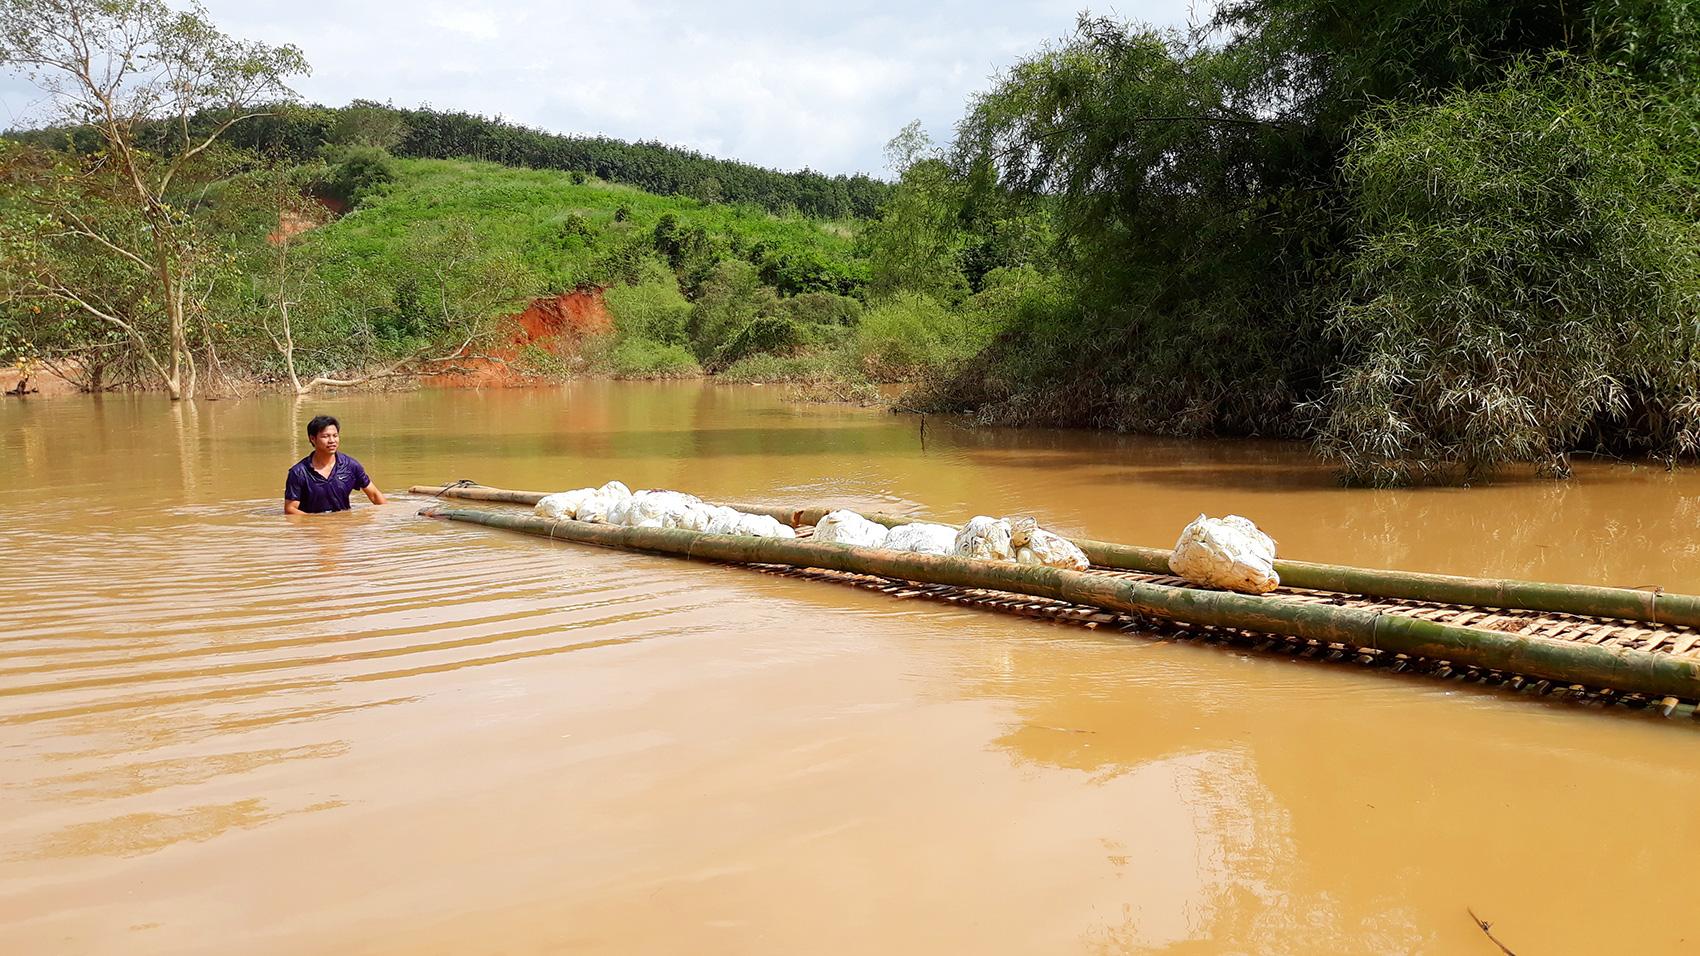 Thủy điện tích nước vô lối ở tỉnh Kon Tum: Hỏa tốc yêu cầu chủ đầu tư dừng tích nước - Ảnh 2.